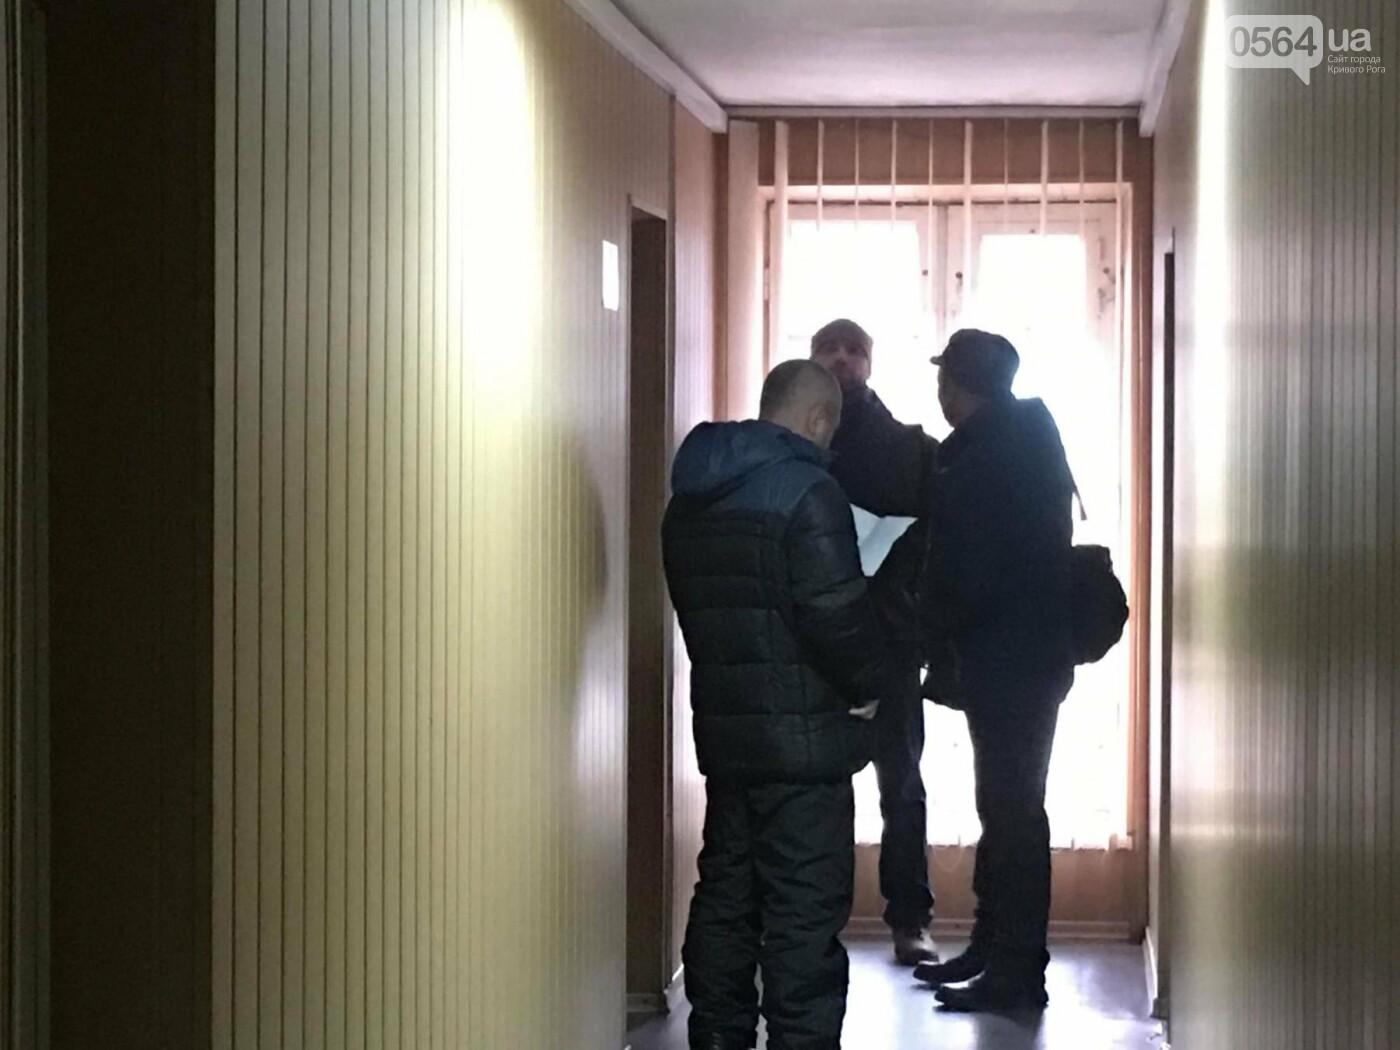 Сегодня в Кривом Роге продолжается суд над горожанином, надругавшимся над Флагом Украины (ФОТО), фото-6